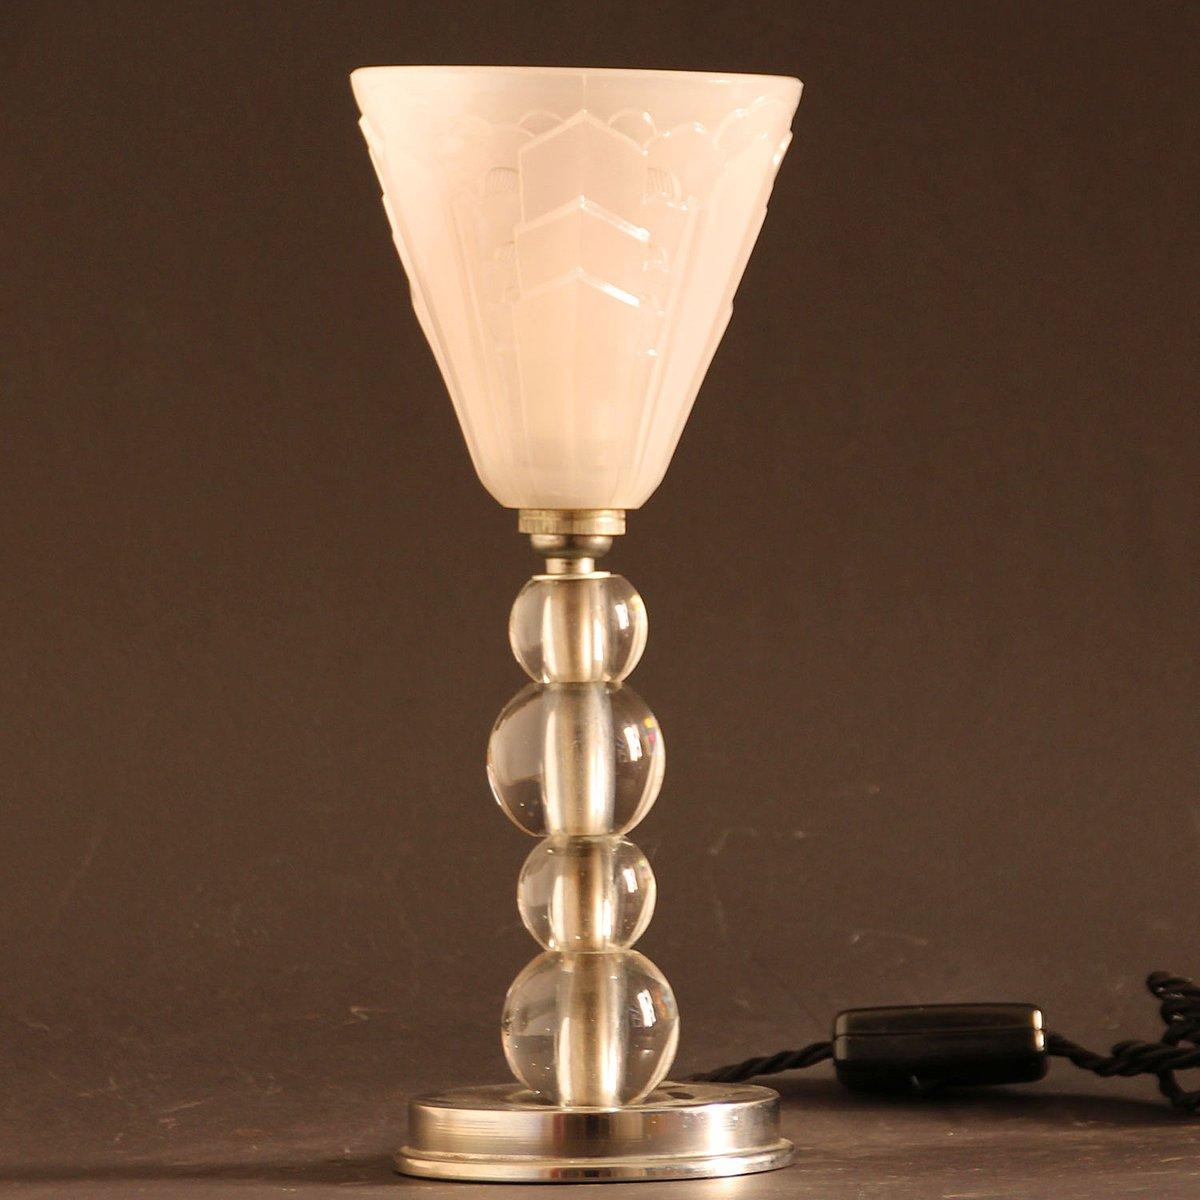 Französische Vintage Art Deco Tischlampe, 1930er